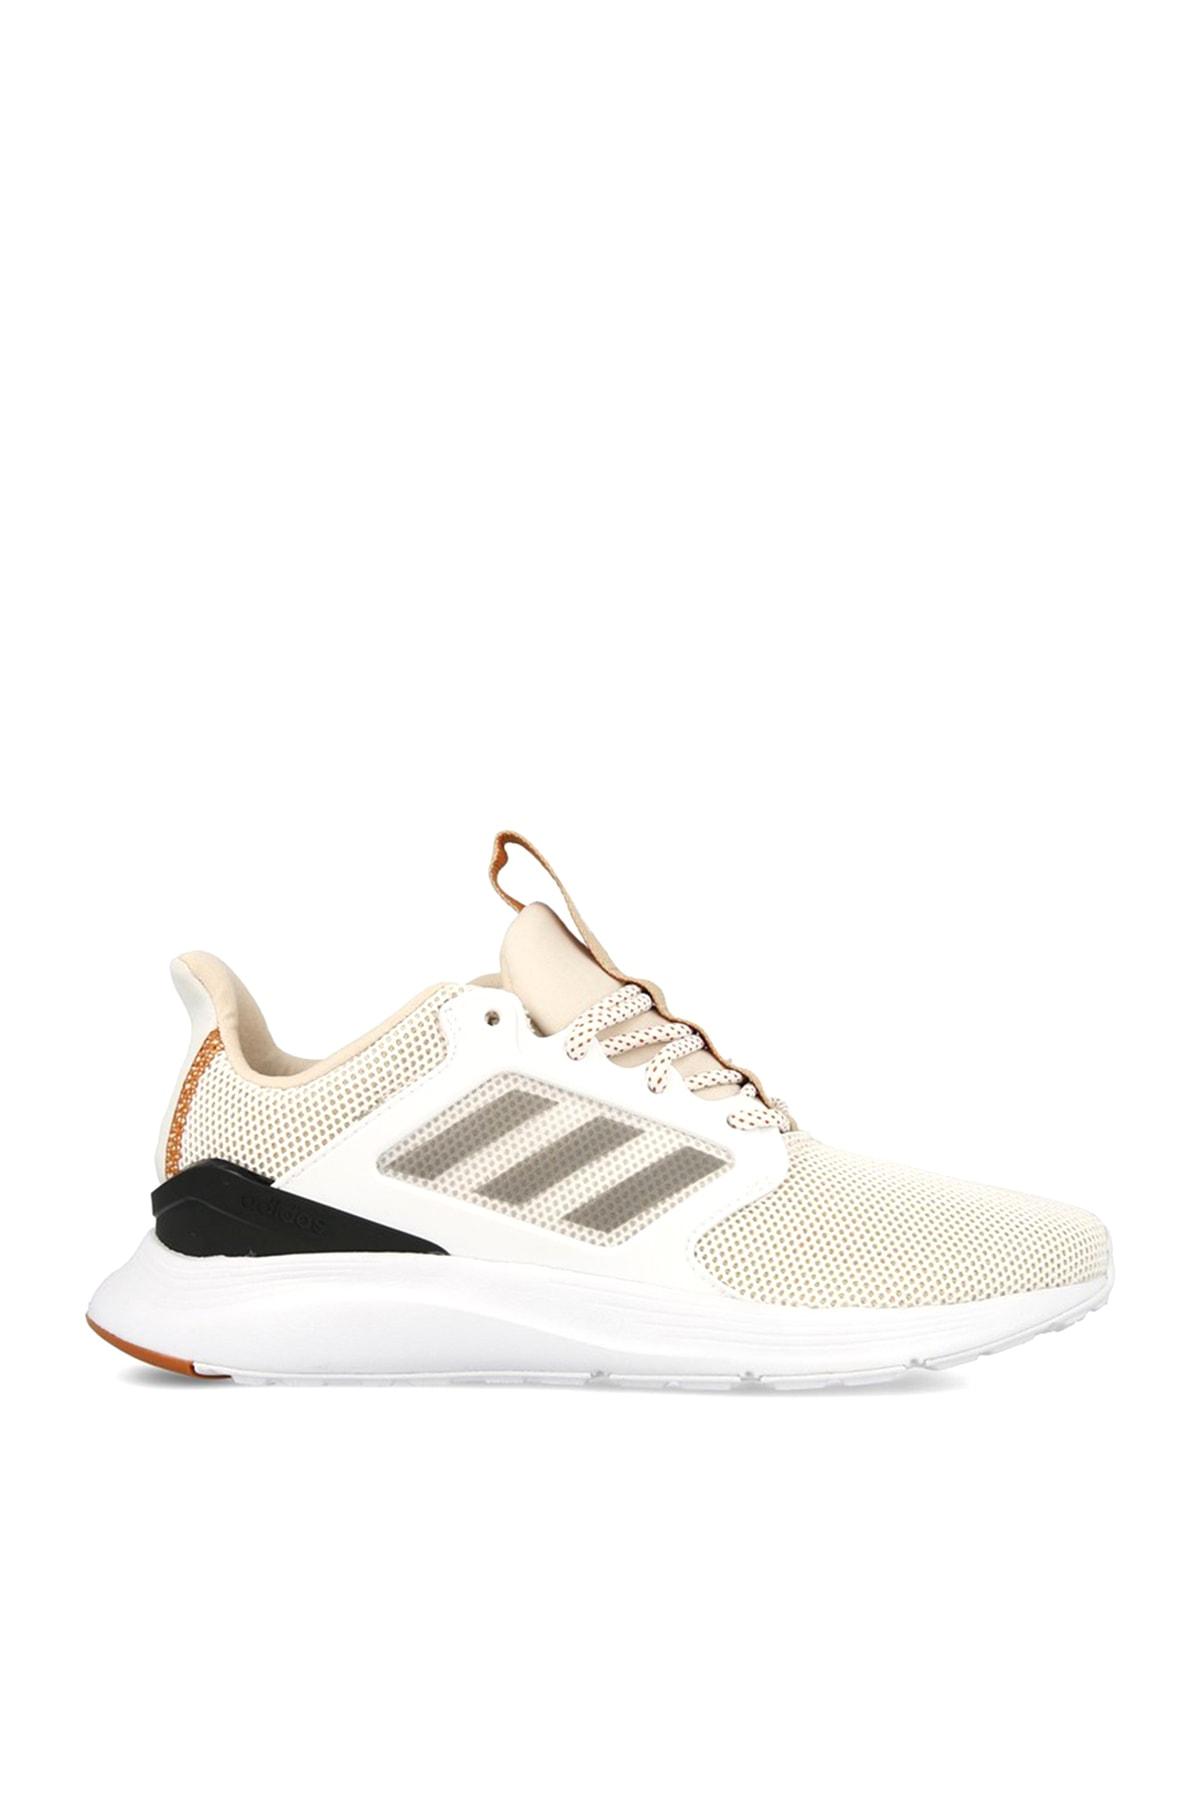 adidas ENERGYFALCON X Kadın Koşu Ayakkabısı 1